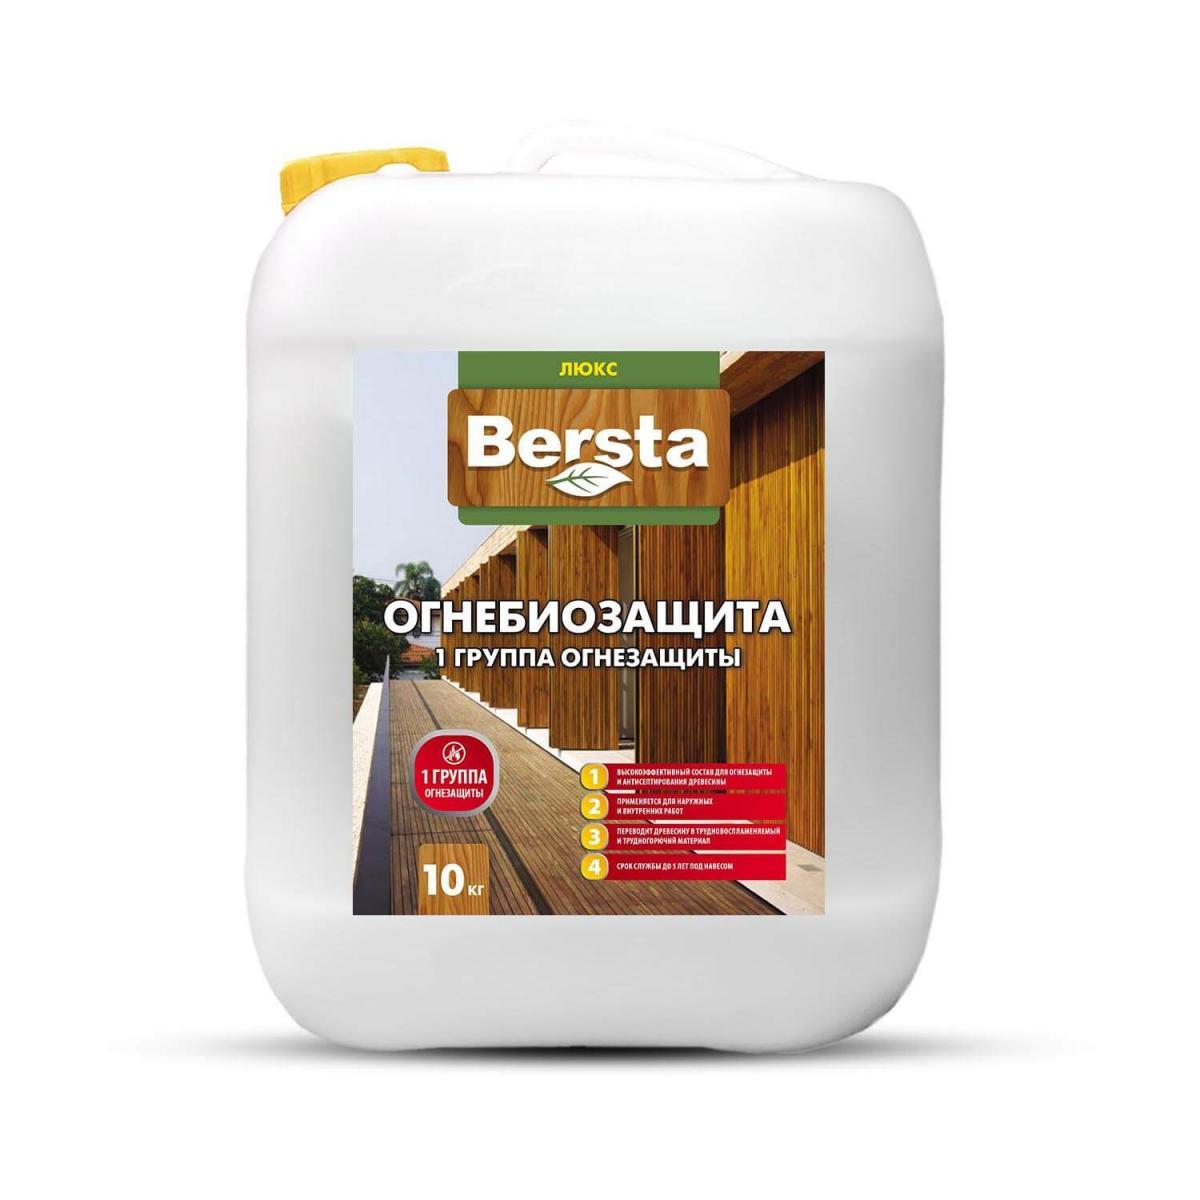 Пропитка огнебиозащита люкс 1гр. тонер BERSTA 5кг - фото